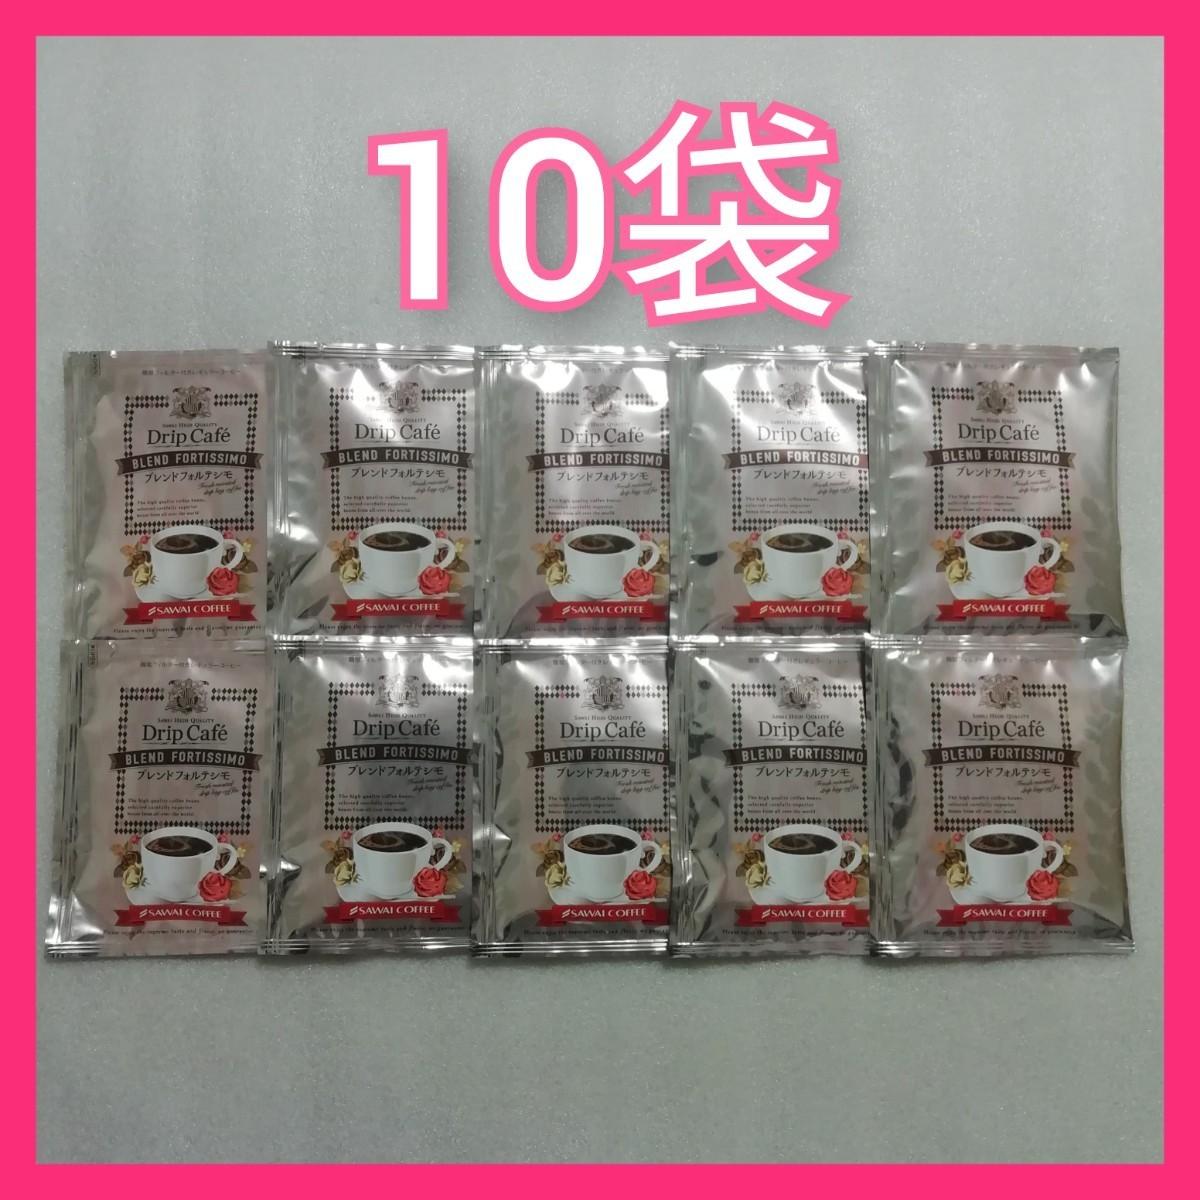 10袋 ブレンドフォルテシモ 澤井珈琲 ドリップコーヒー